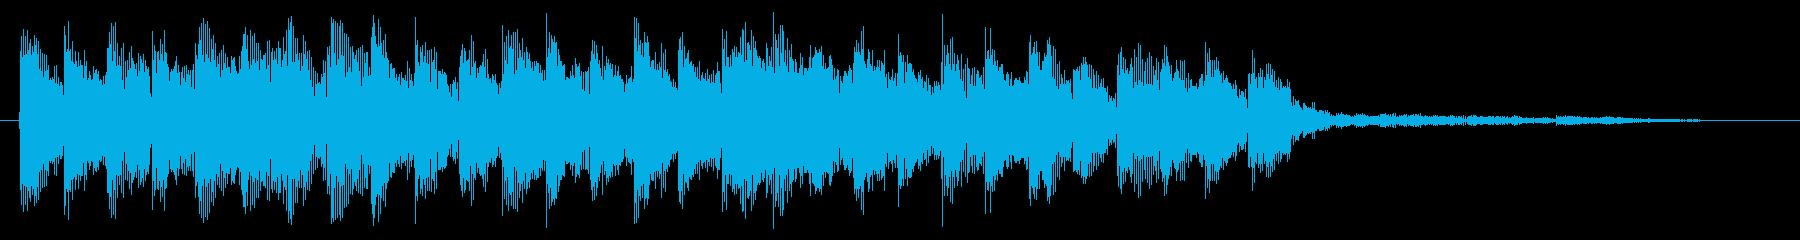 アラート 警告 注意 警戒 危ない 警報の再生済みの波形